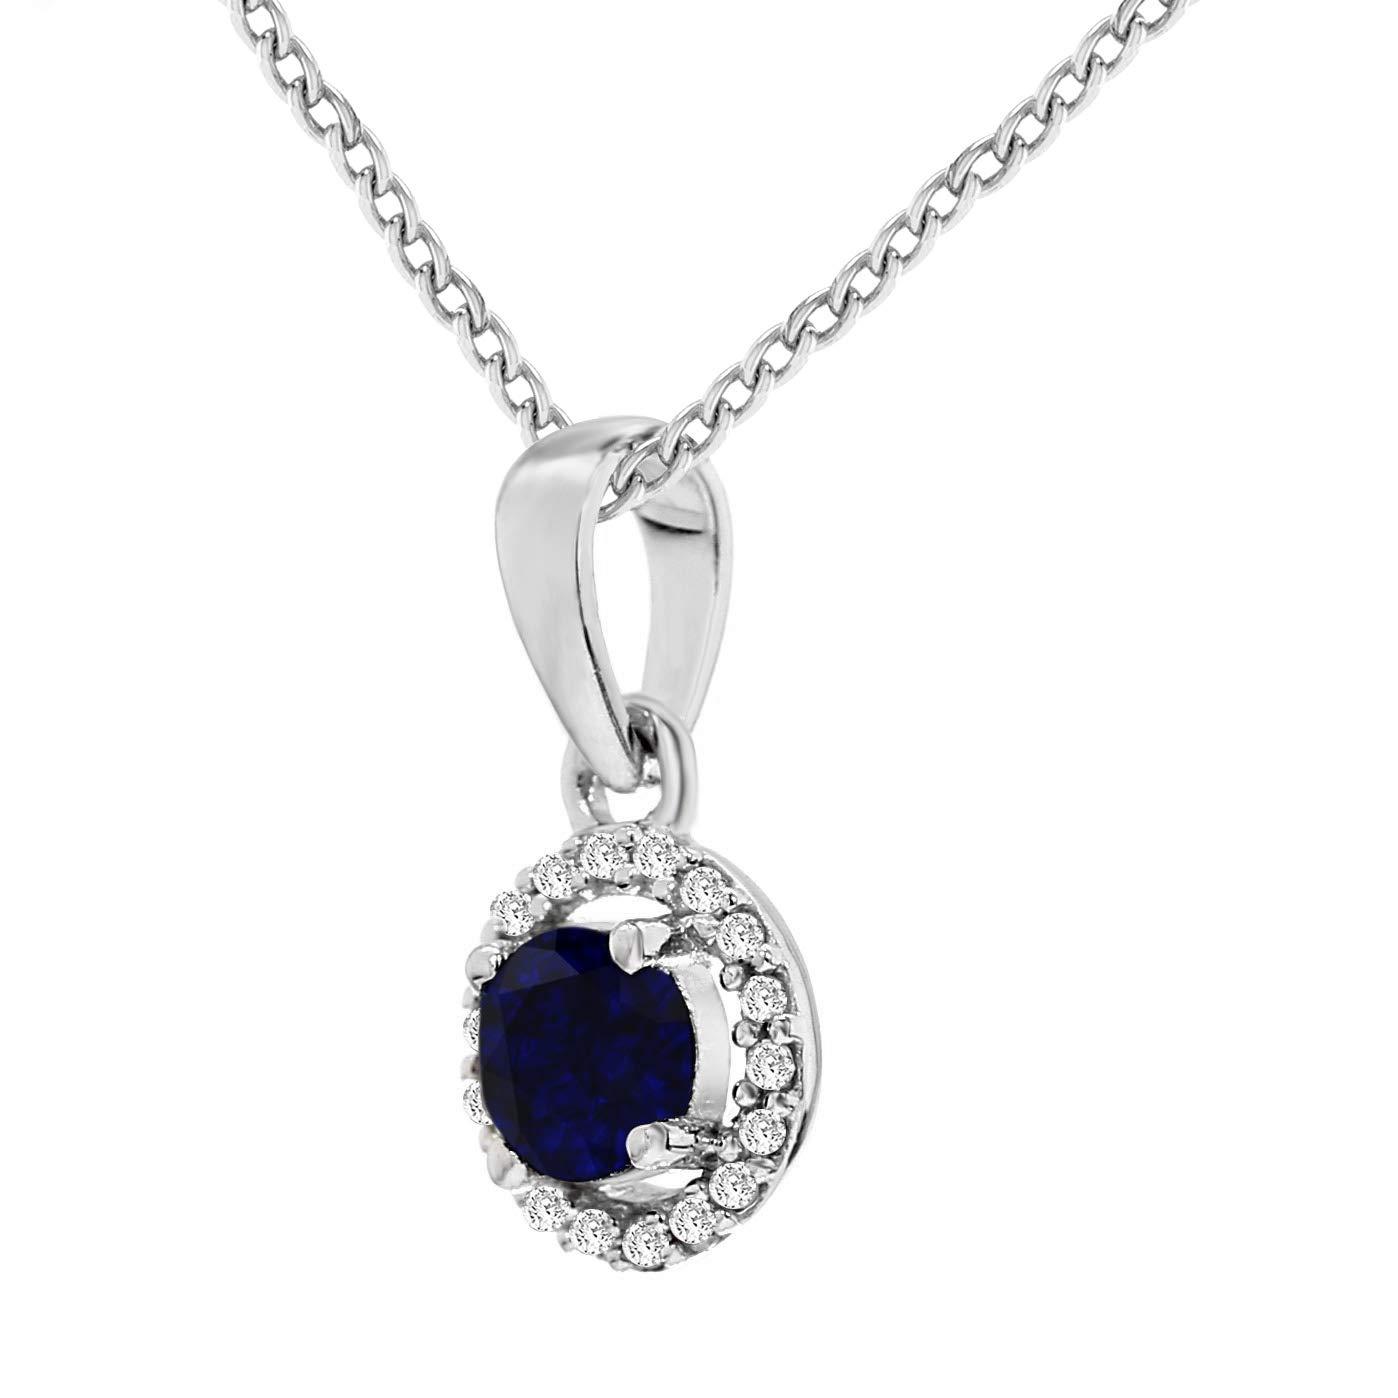 100 Pure Diamond Necklace 1 5 cttw to 5 8 cttw IGI Certified Diamond Necklace For Women Natural Diamond Solitaire Necklace I1-GH Quality 10K Gold Diamond Necklace Pendant